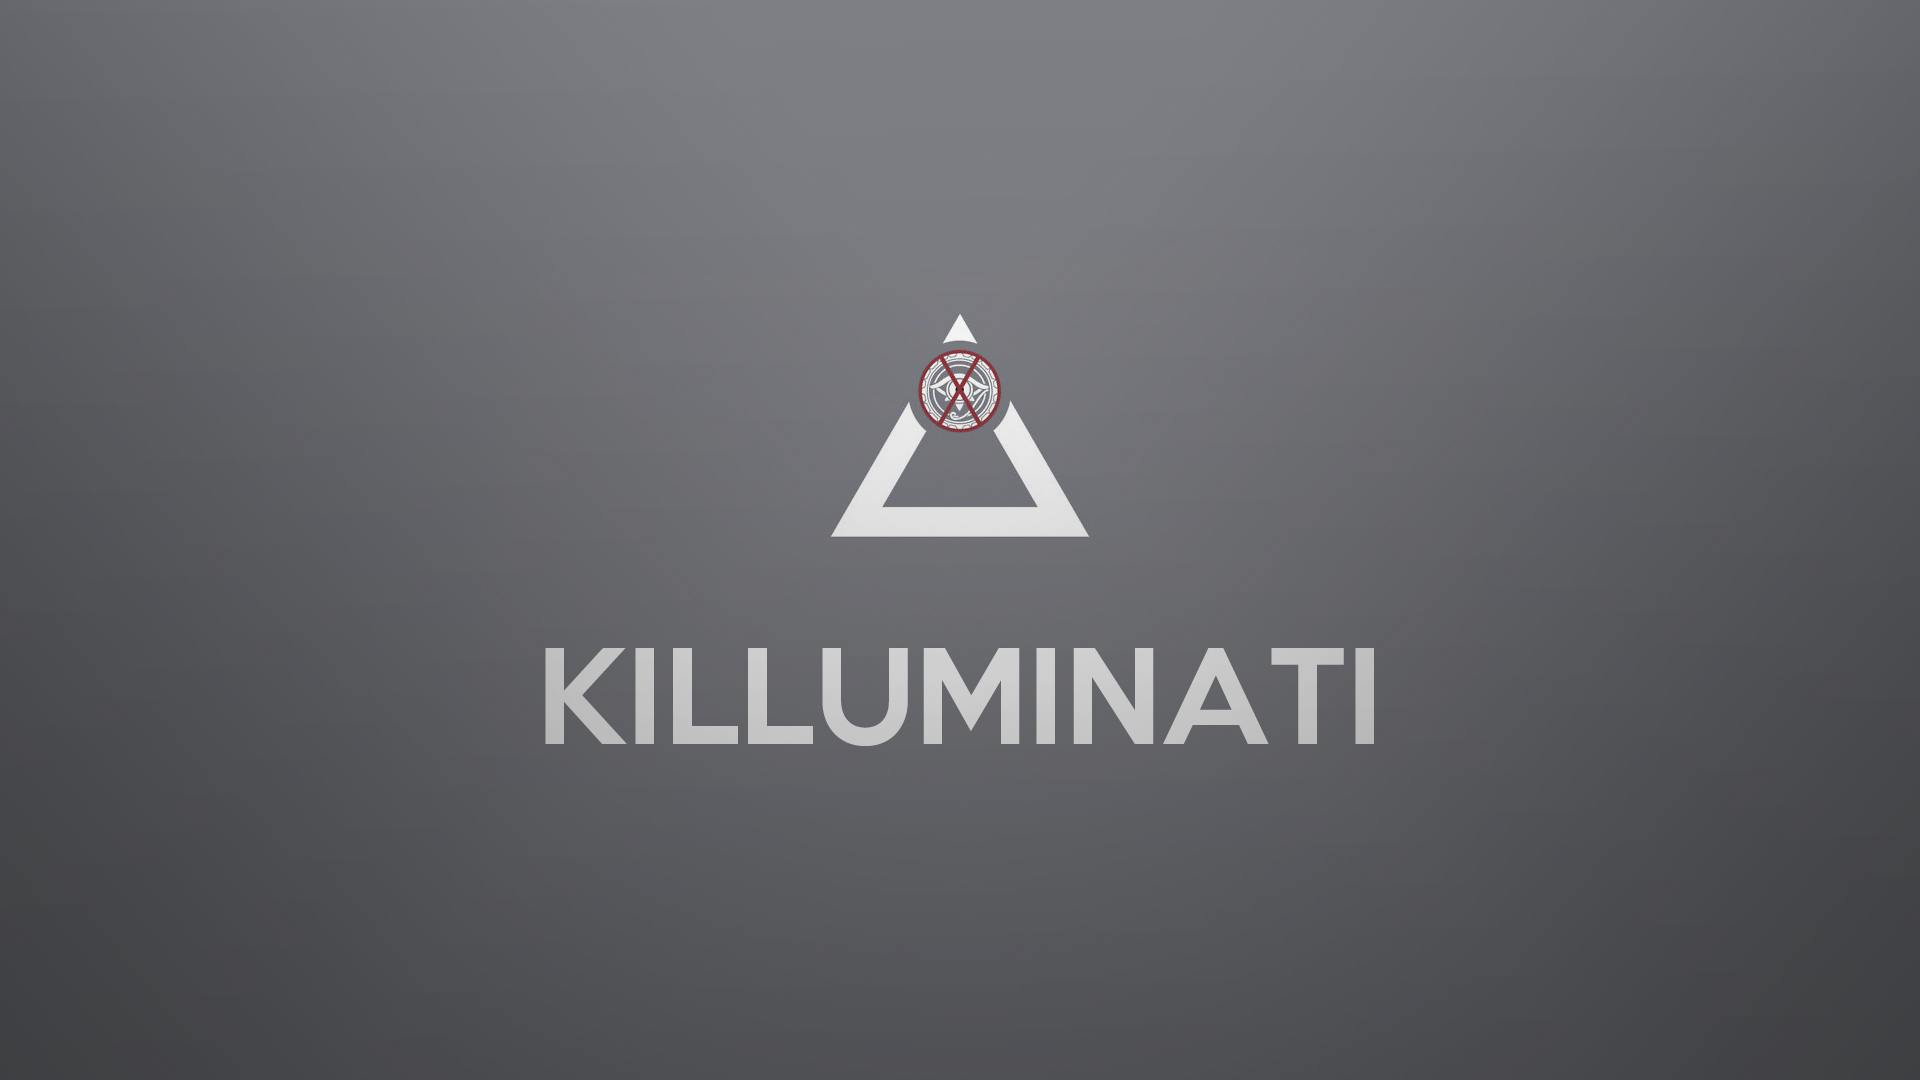 Illuminati Wallpaper Hd Pixelstalknet